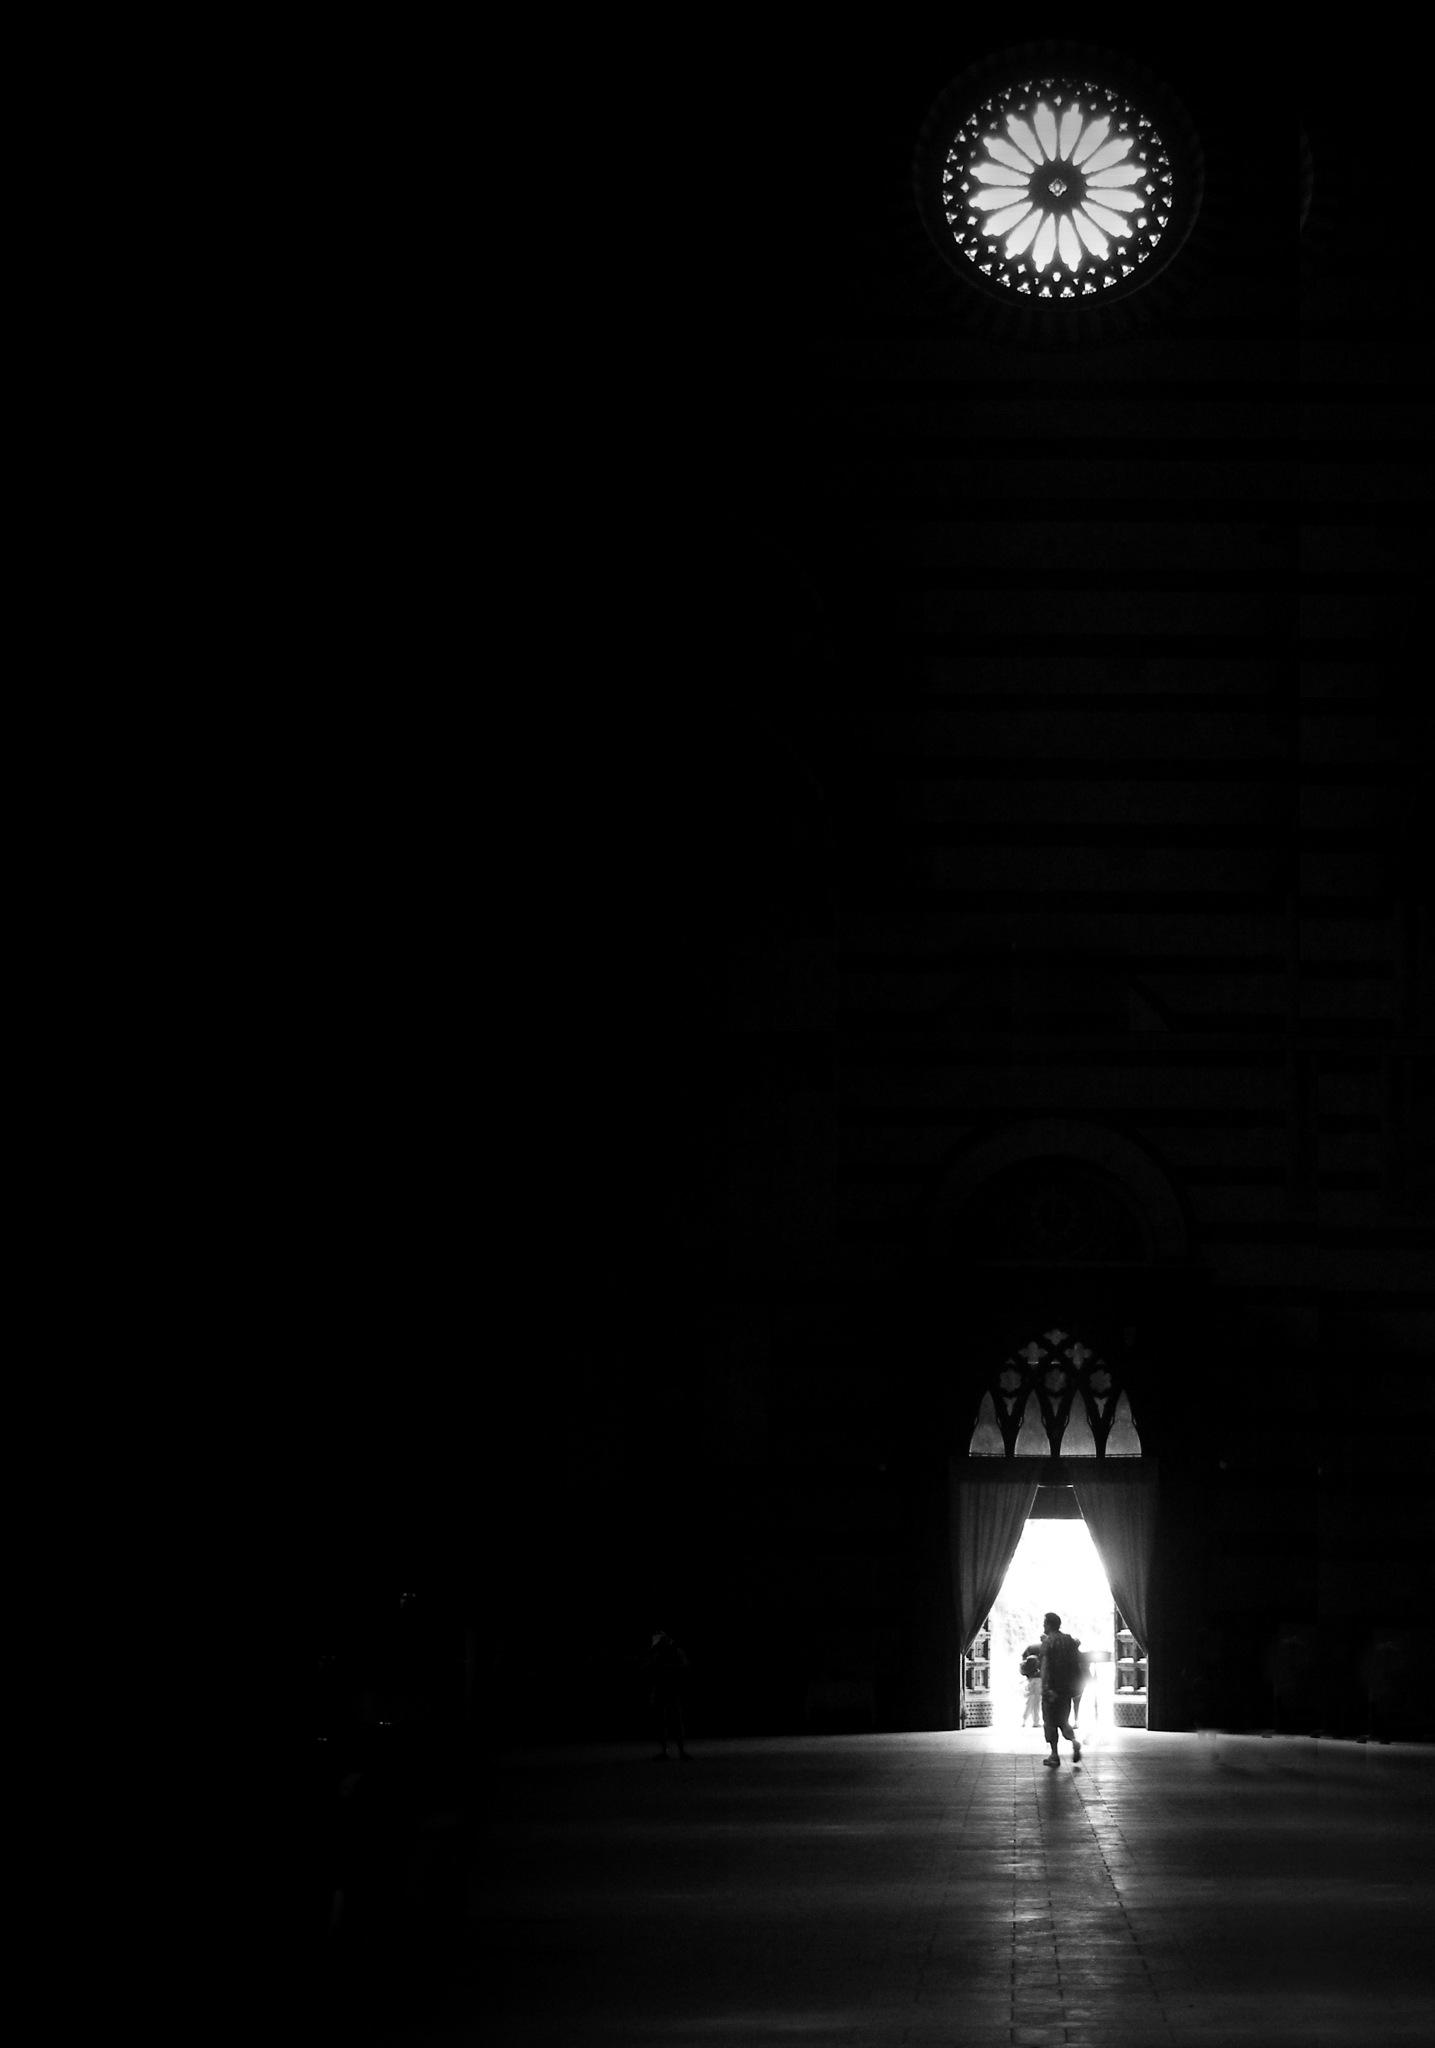 Siena, Italy by Tony Kao